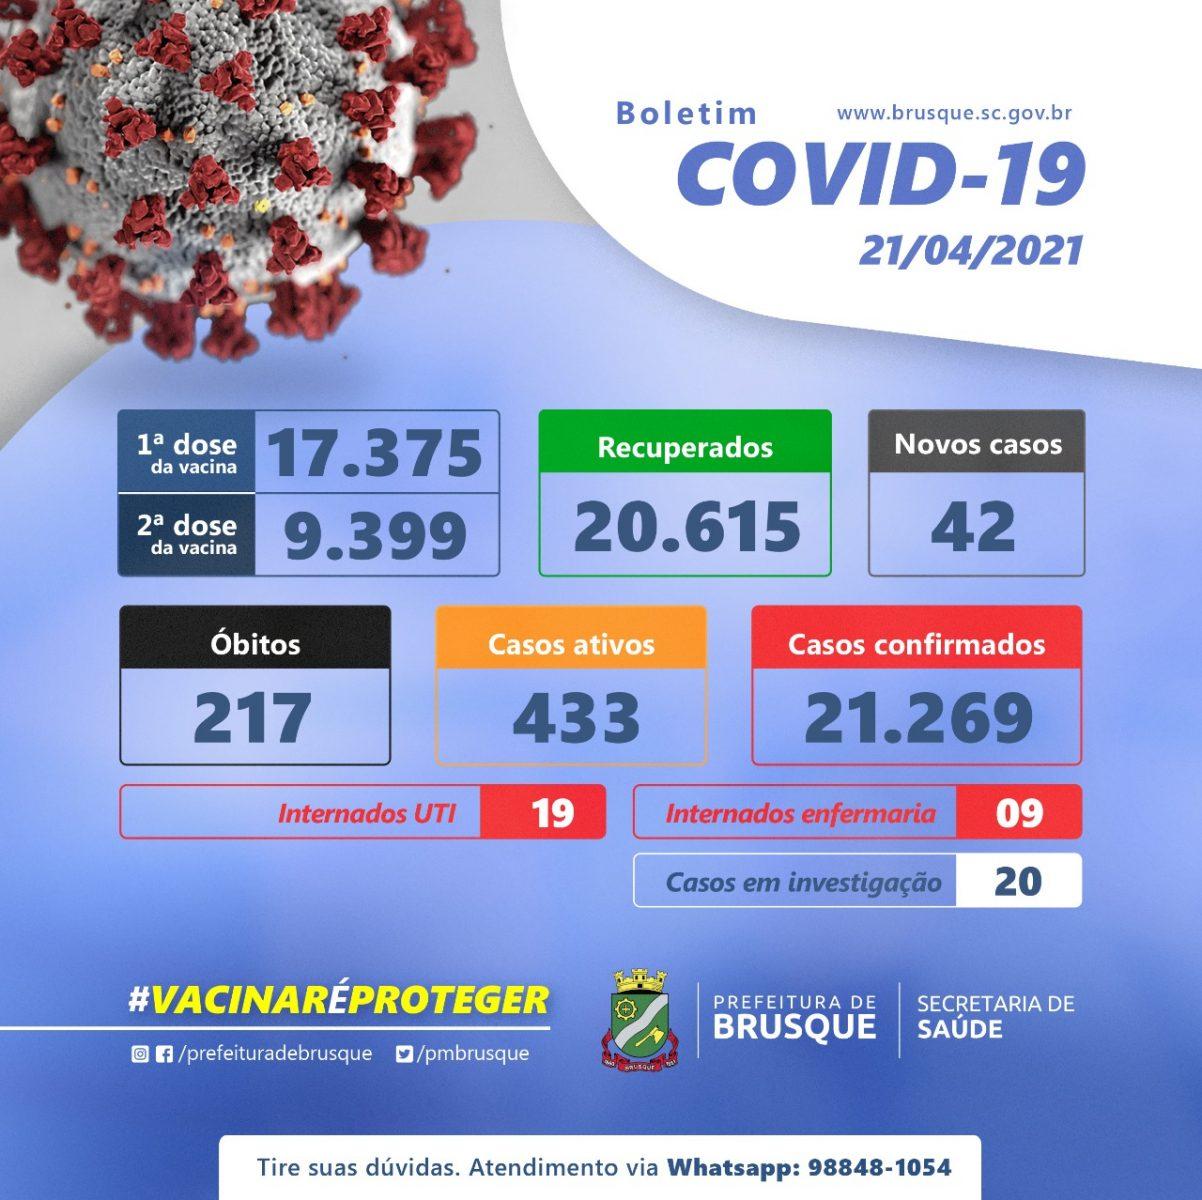 Covid 19: Confira o boletim epidemiológico desta quarta-feira (21)